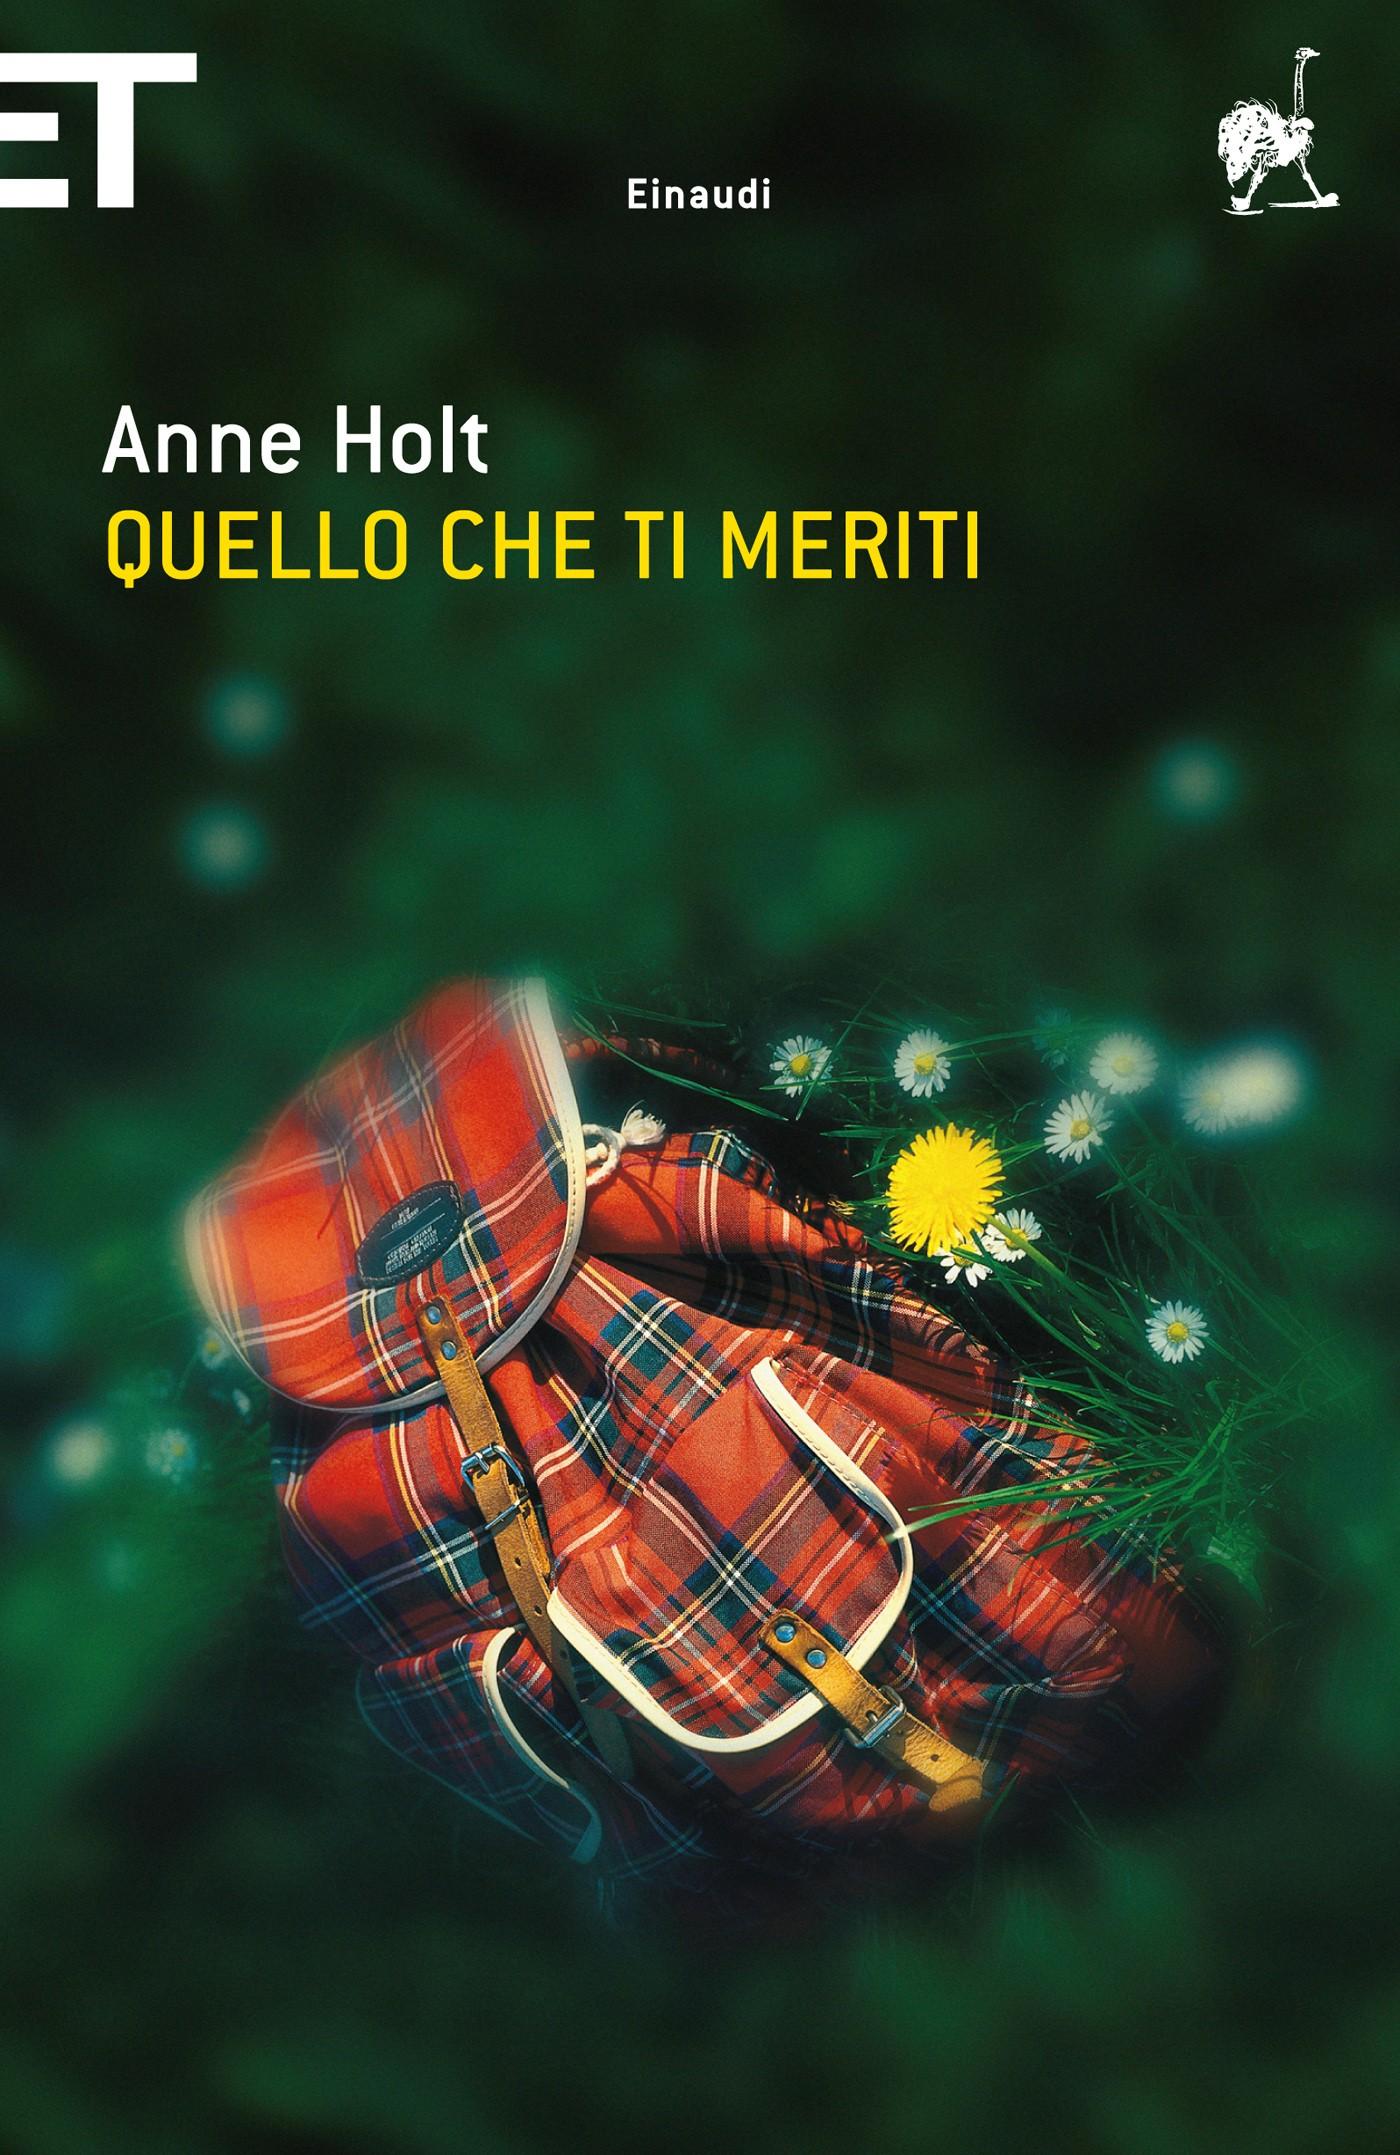 Anne Holt, Quello che ti meriti, Einaudi